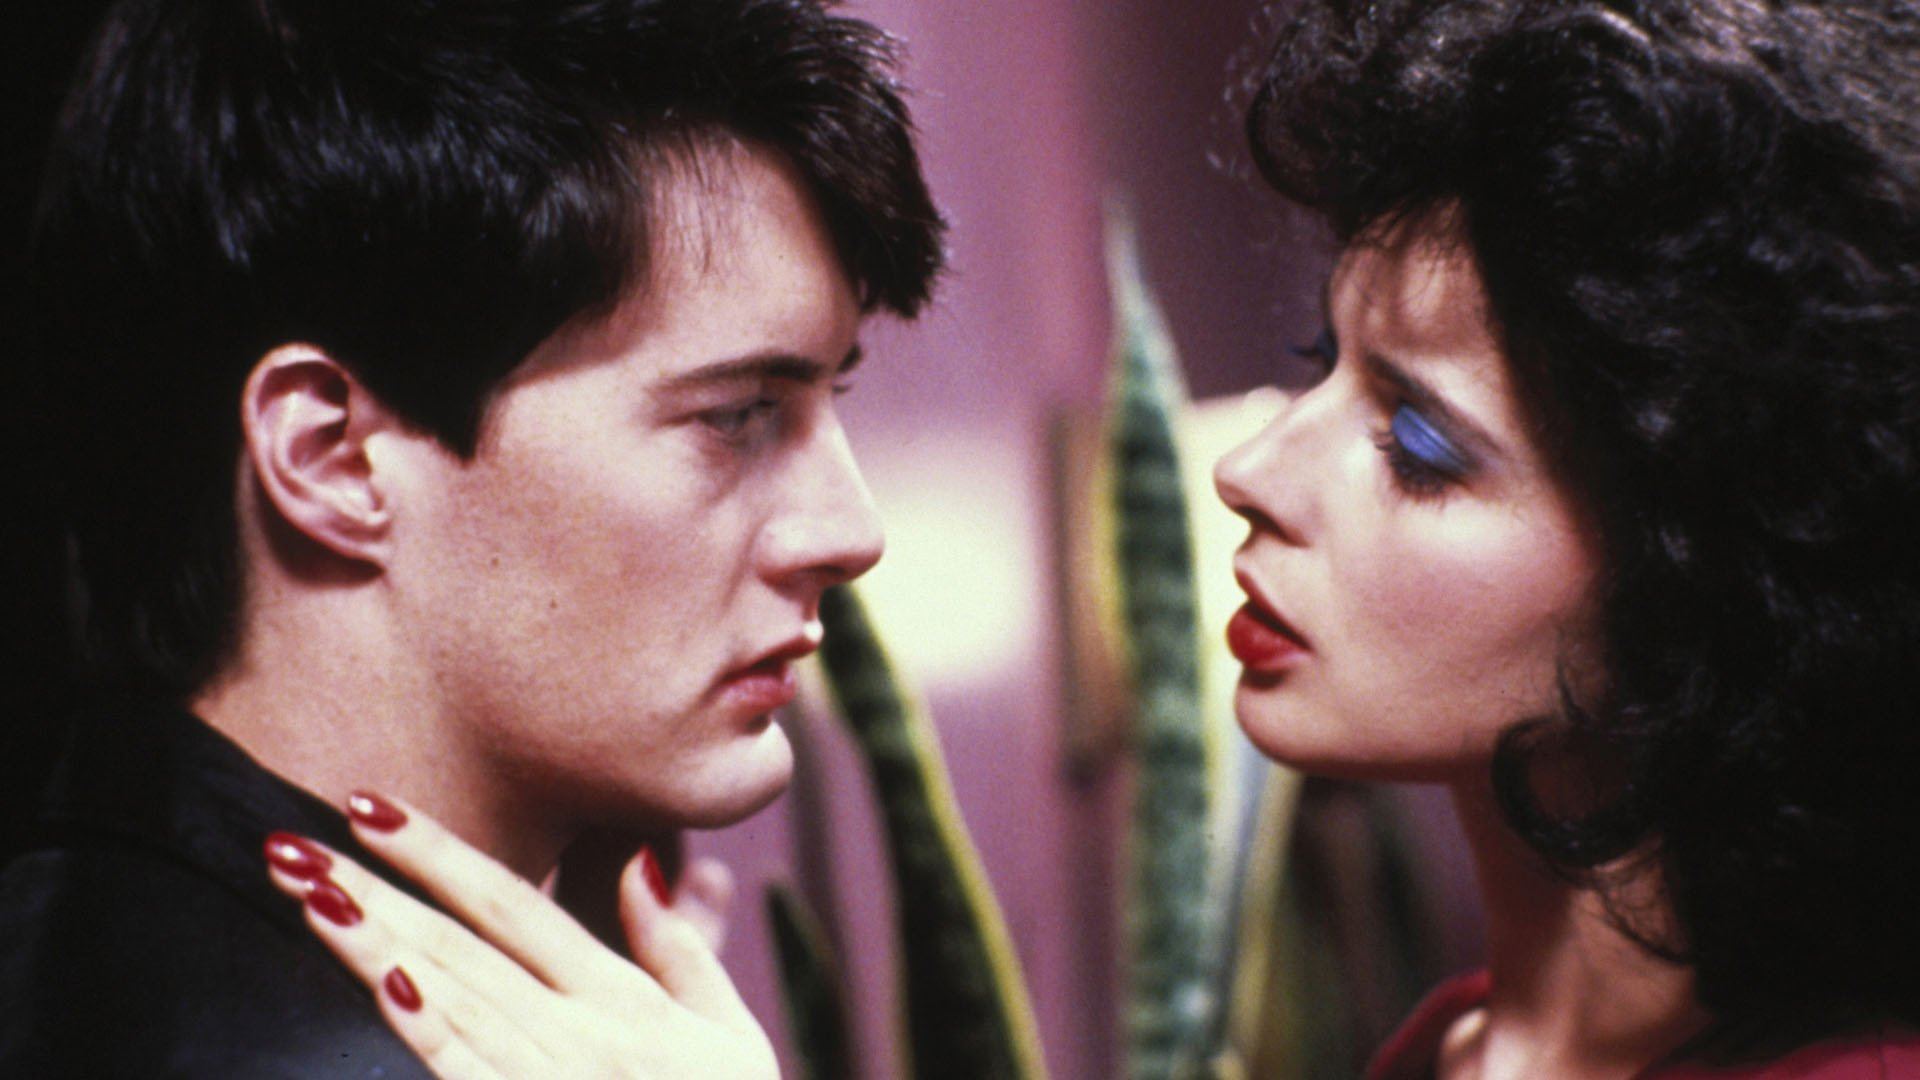 فيلم Blue Velvet 1986 مترجم للكبار فقط